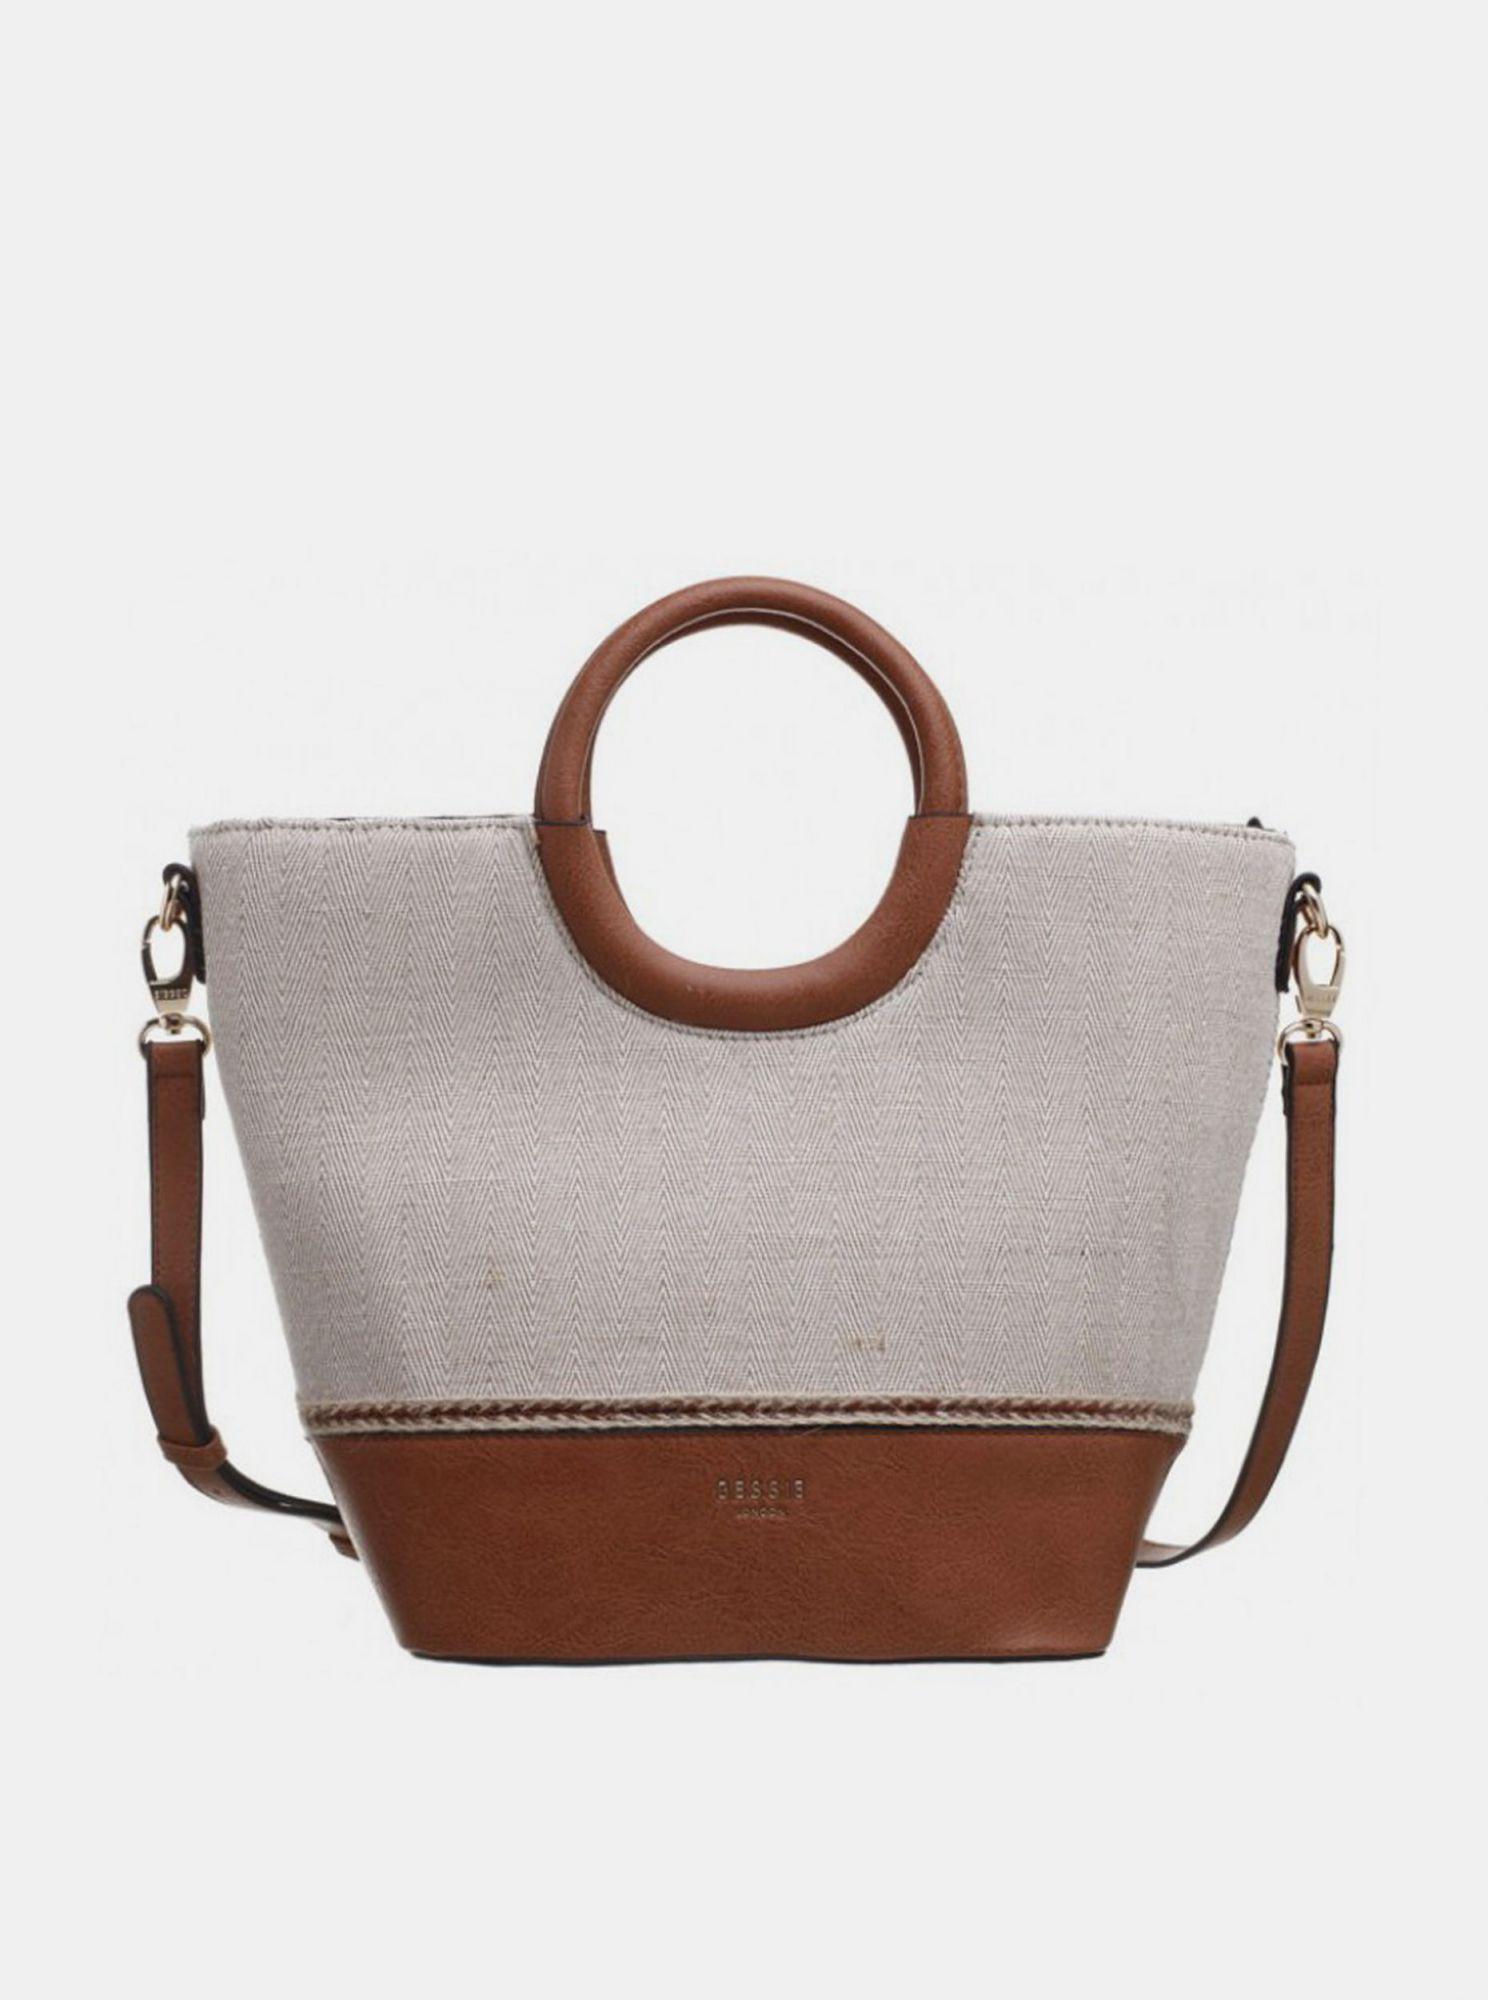 Hnědo-béžová kabelka Bessie London